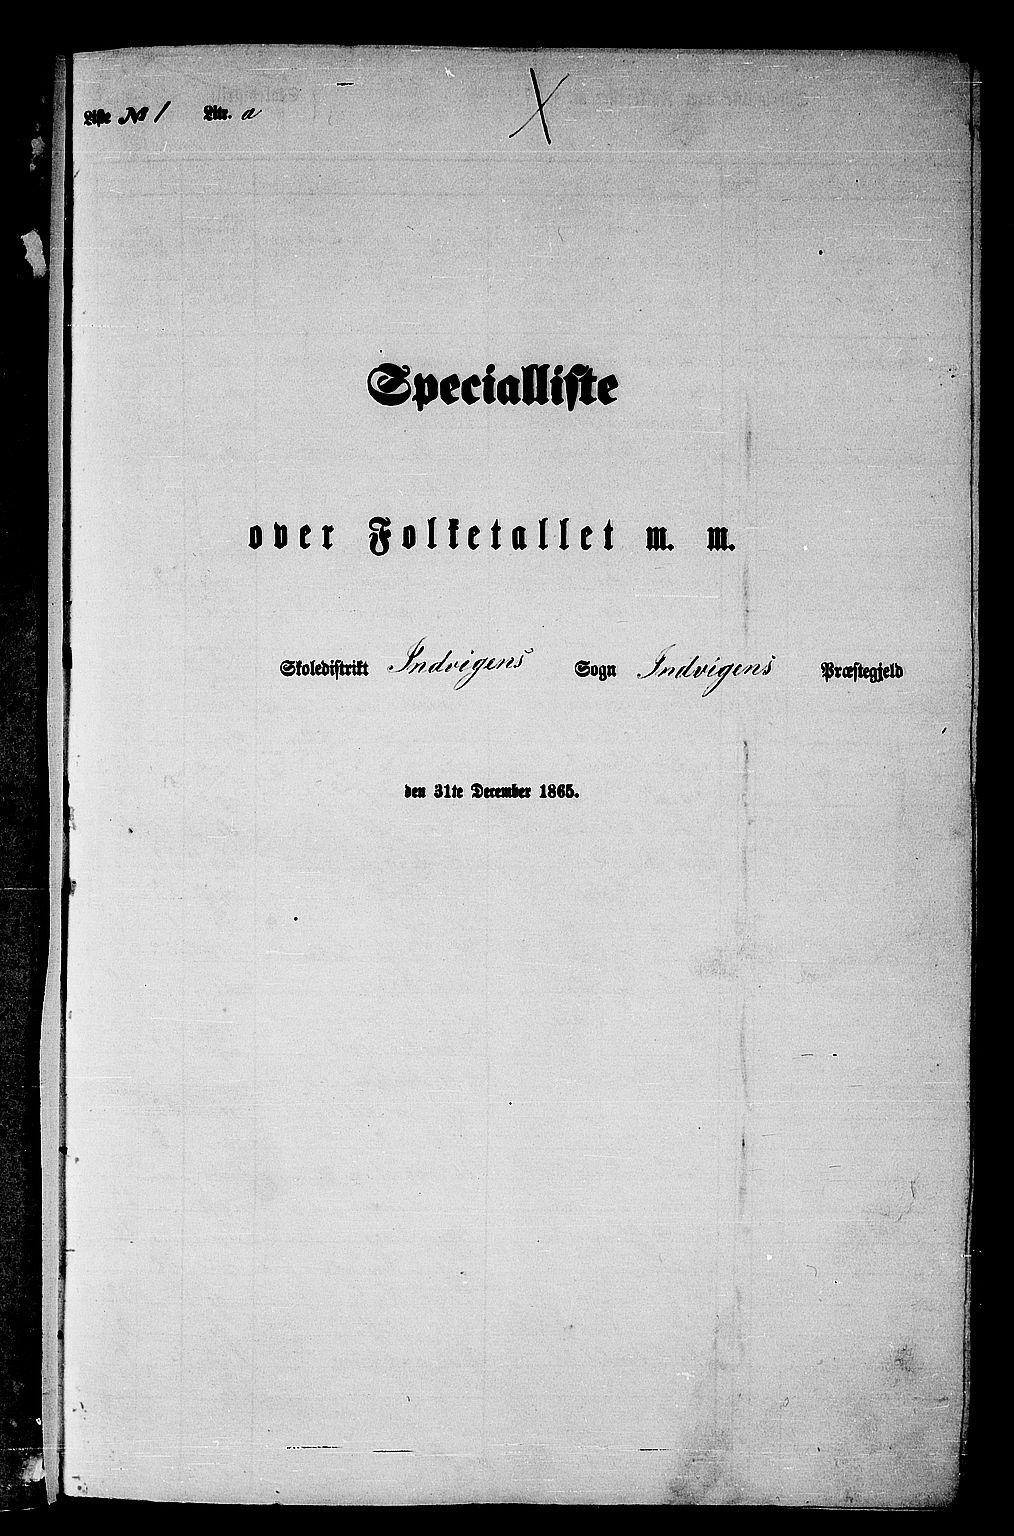 RA, Folketelling 1865 for 1447P Innvik prestegjeld, 1865, s. 11